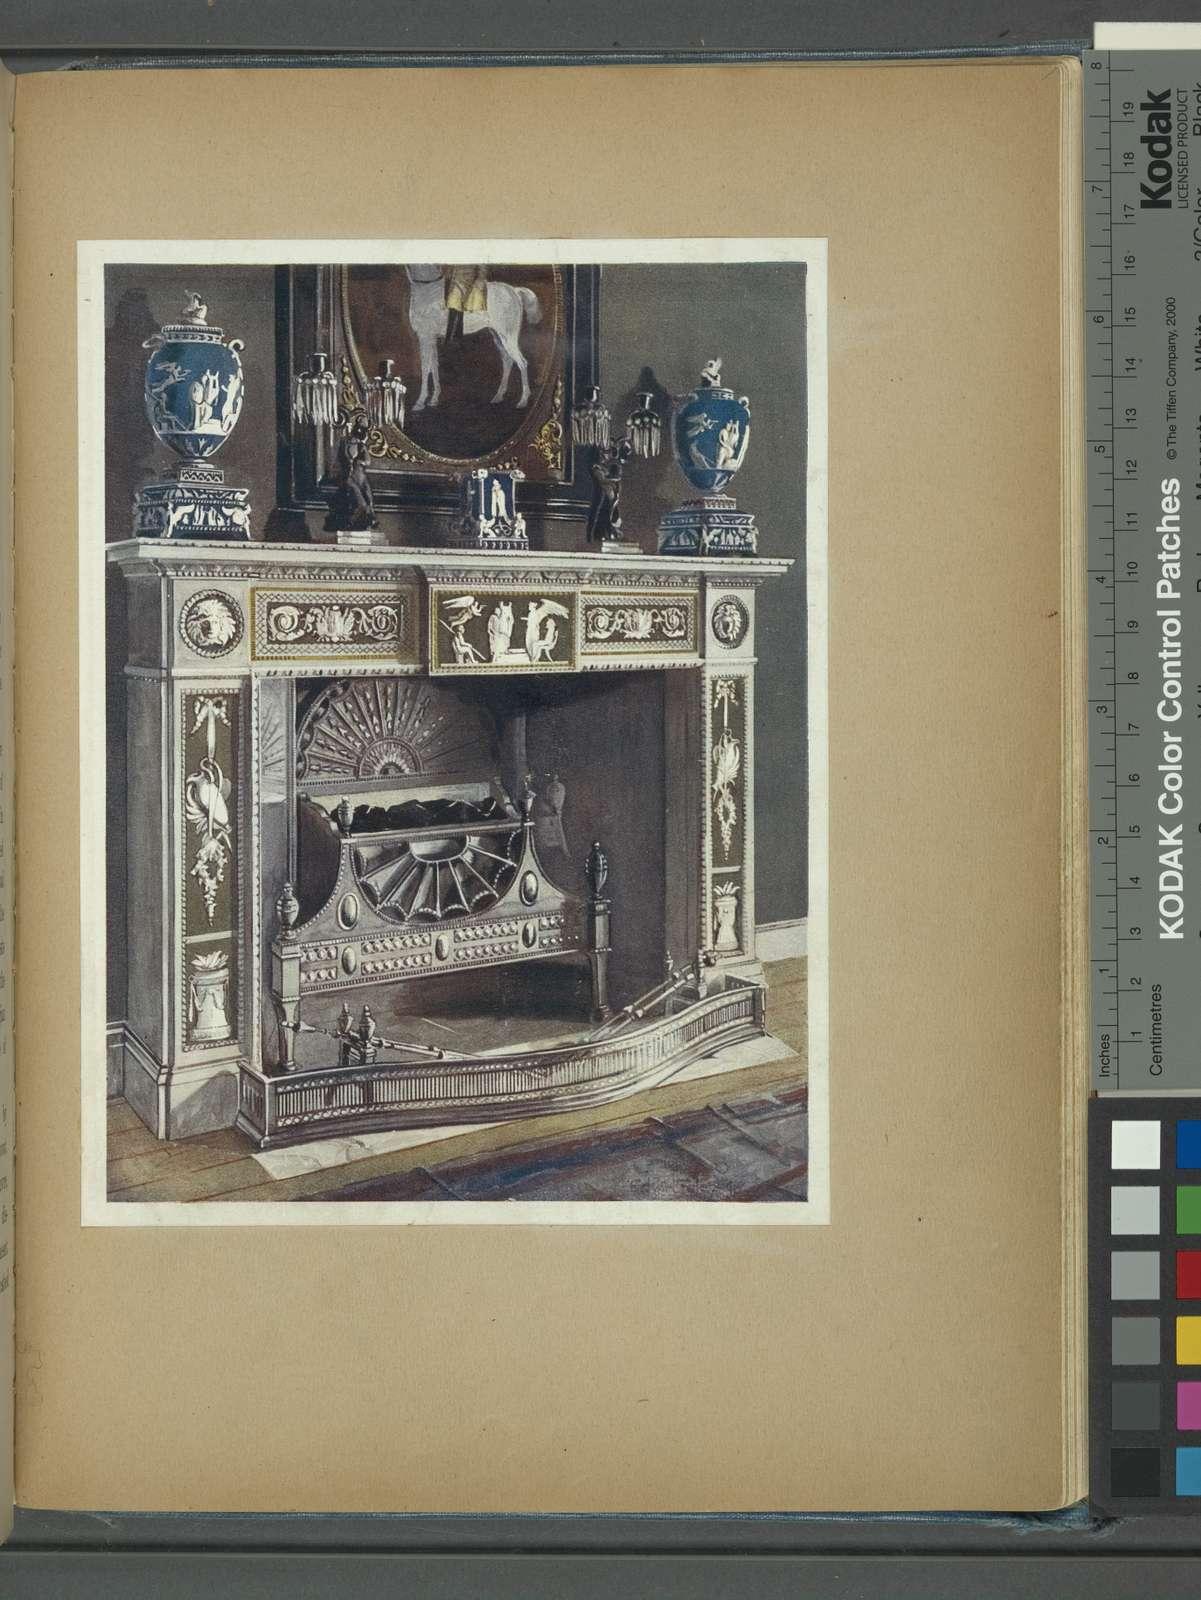 Wedgwood-Flaxman chimneypiece. Property of W. H. Lever, Esq., M. P., ca. 1790.